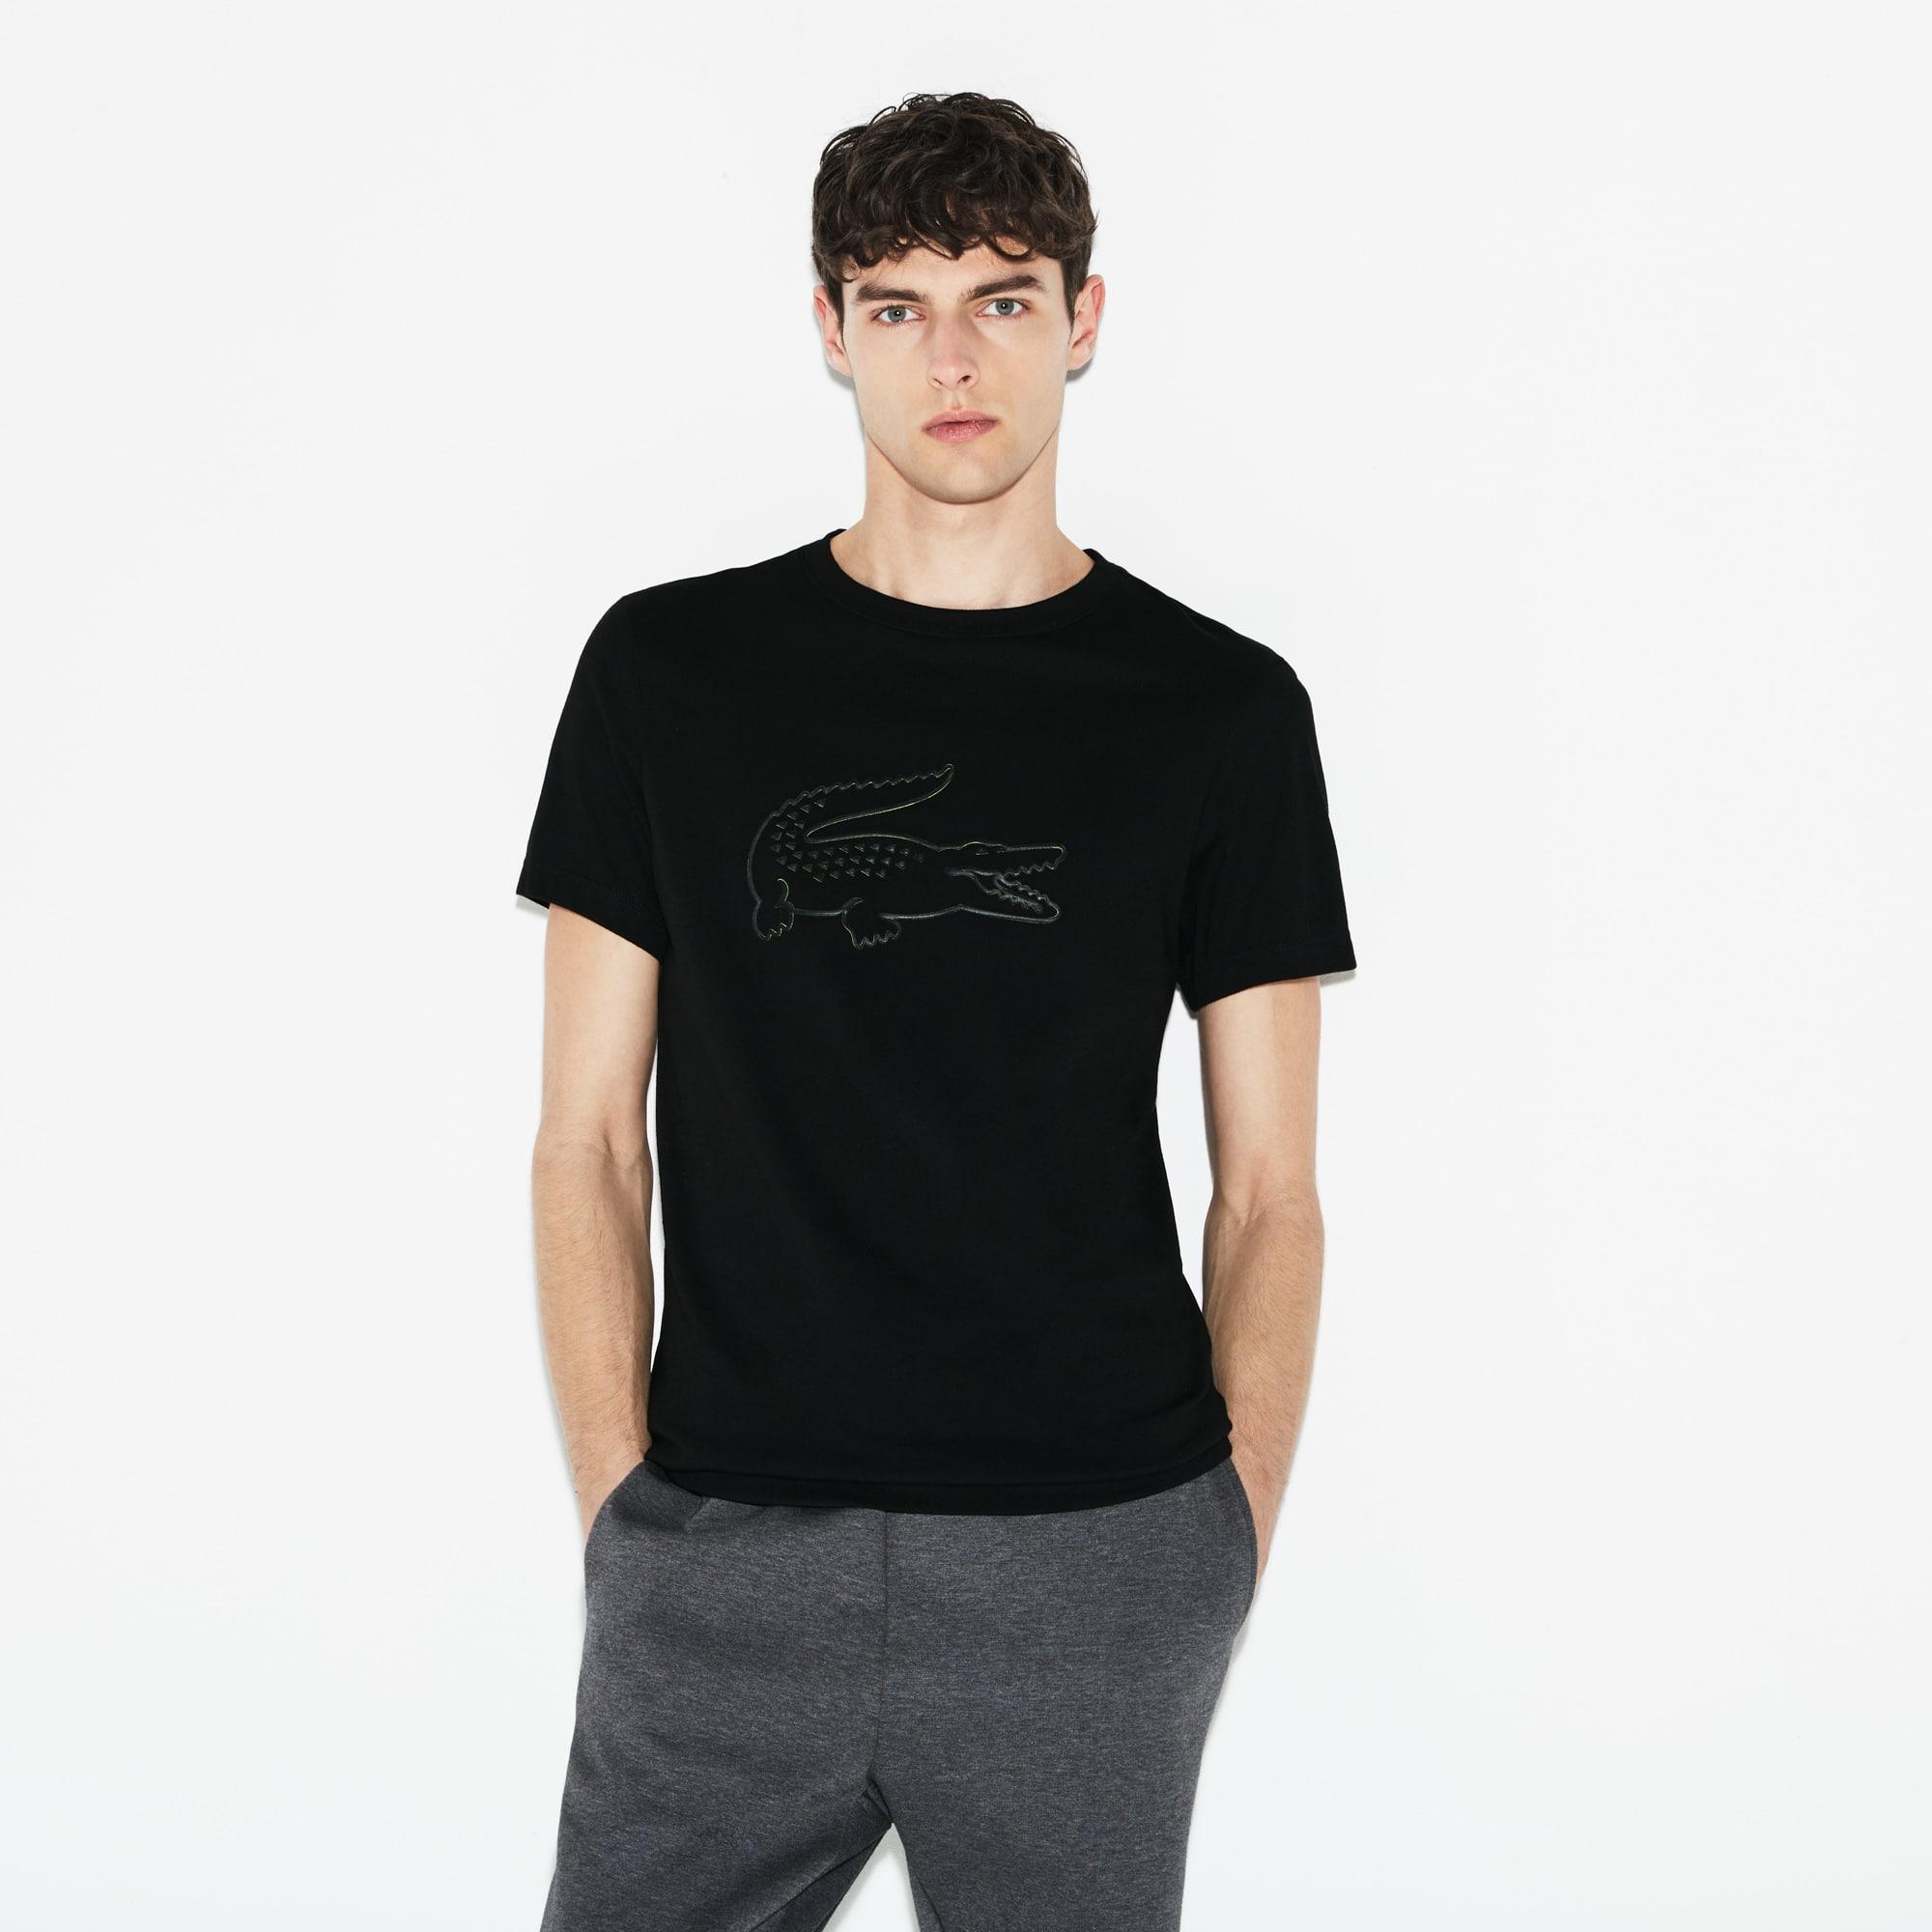 Men's Lacoste SPORT Oversized Croc Tech Jersey Tennis T-shirt